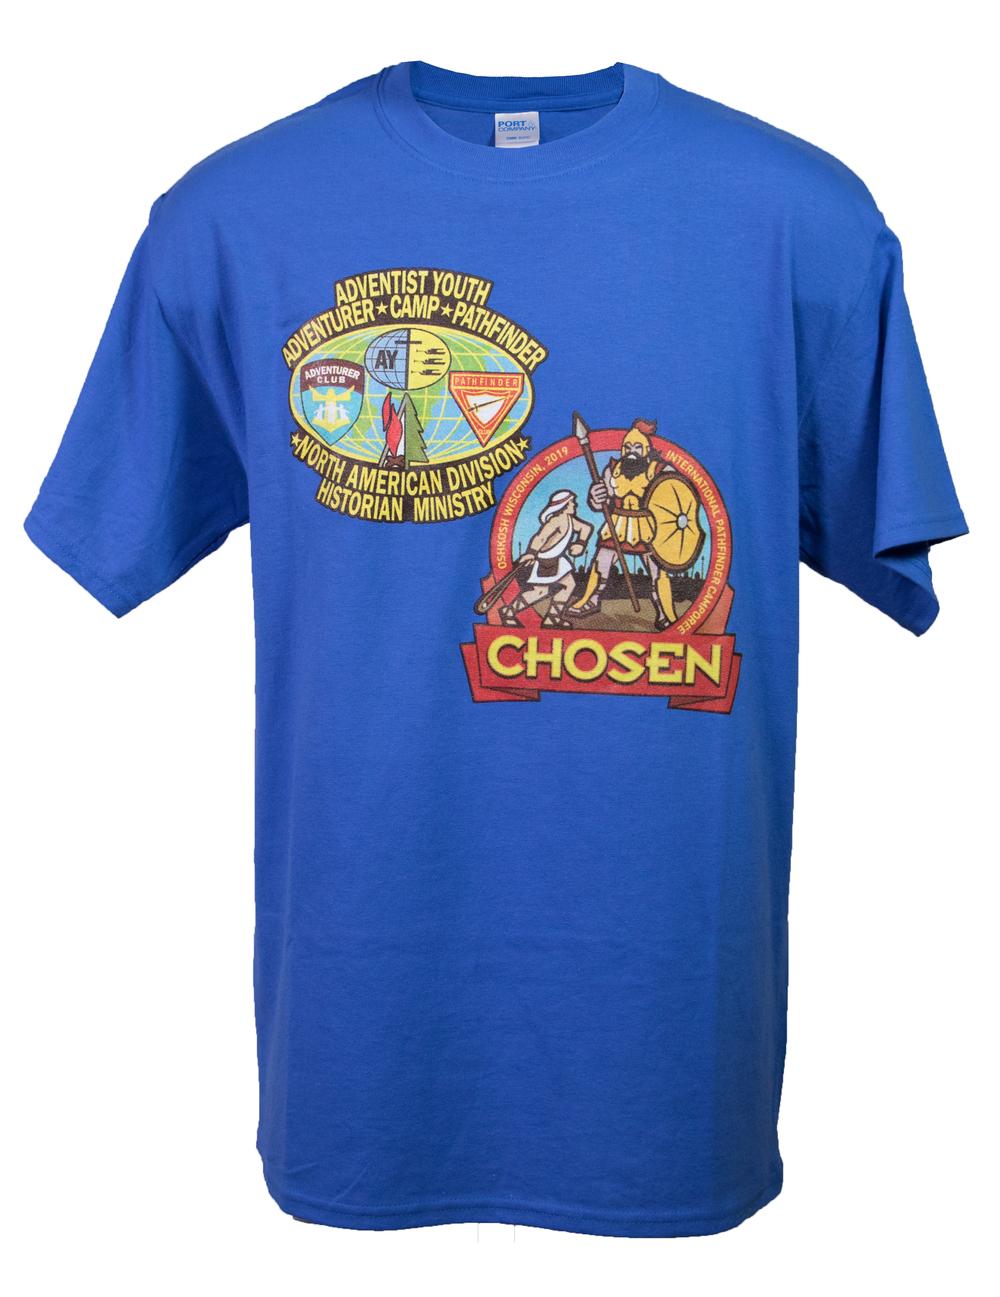 Camiseta de NAD Historian Ministry del camporee Chosen